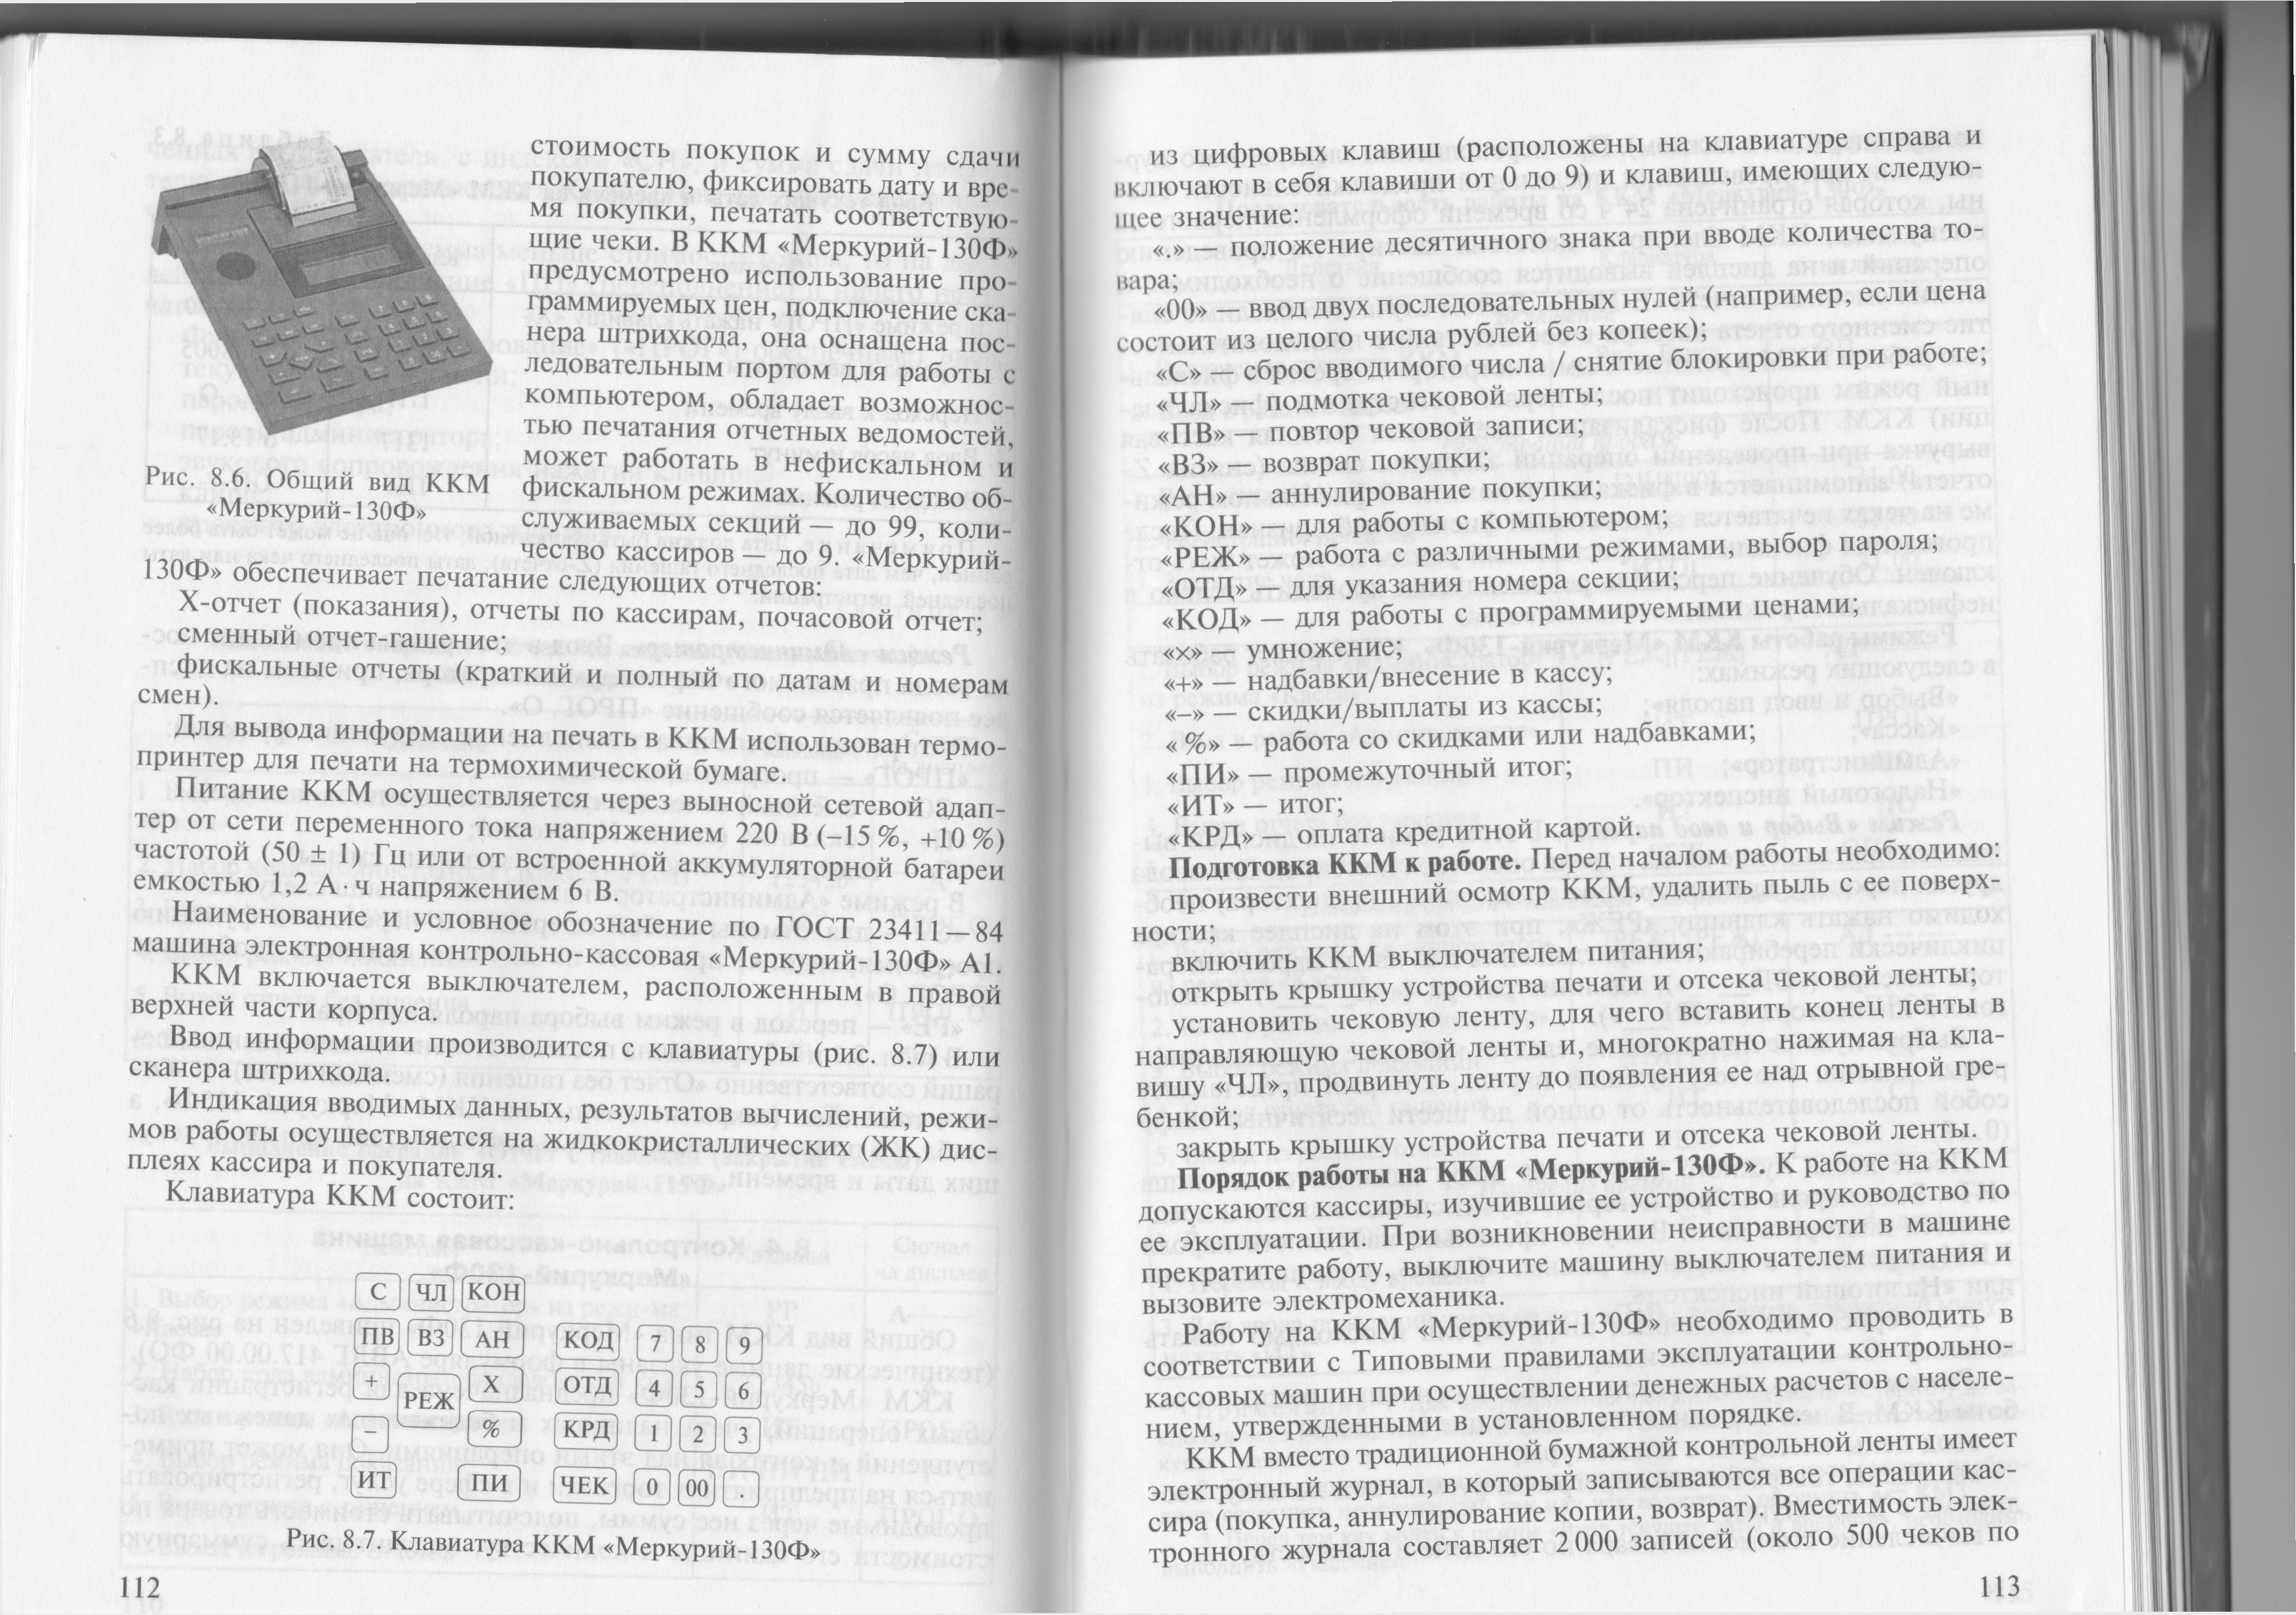 меркурий 130к инструкция кассира